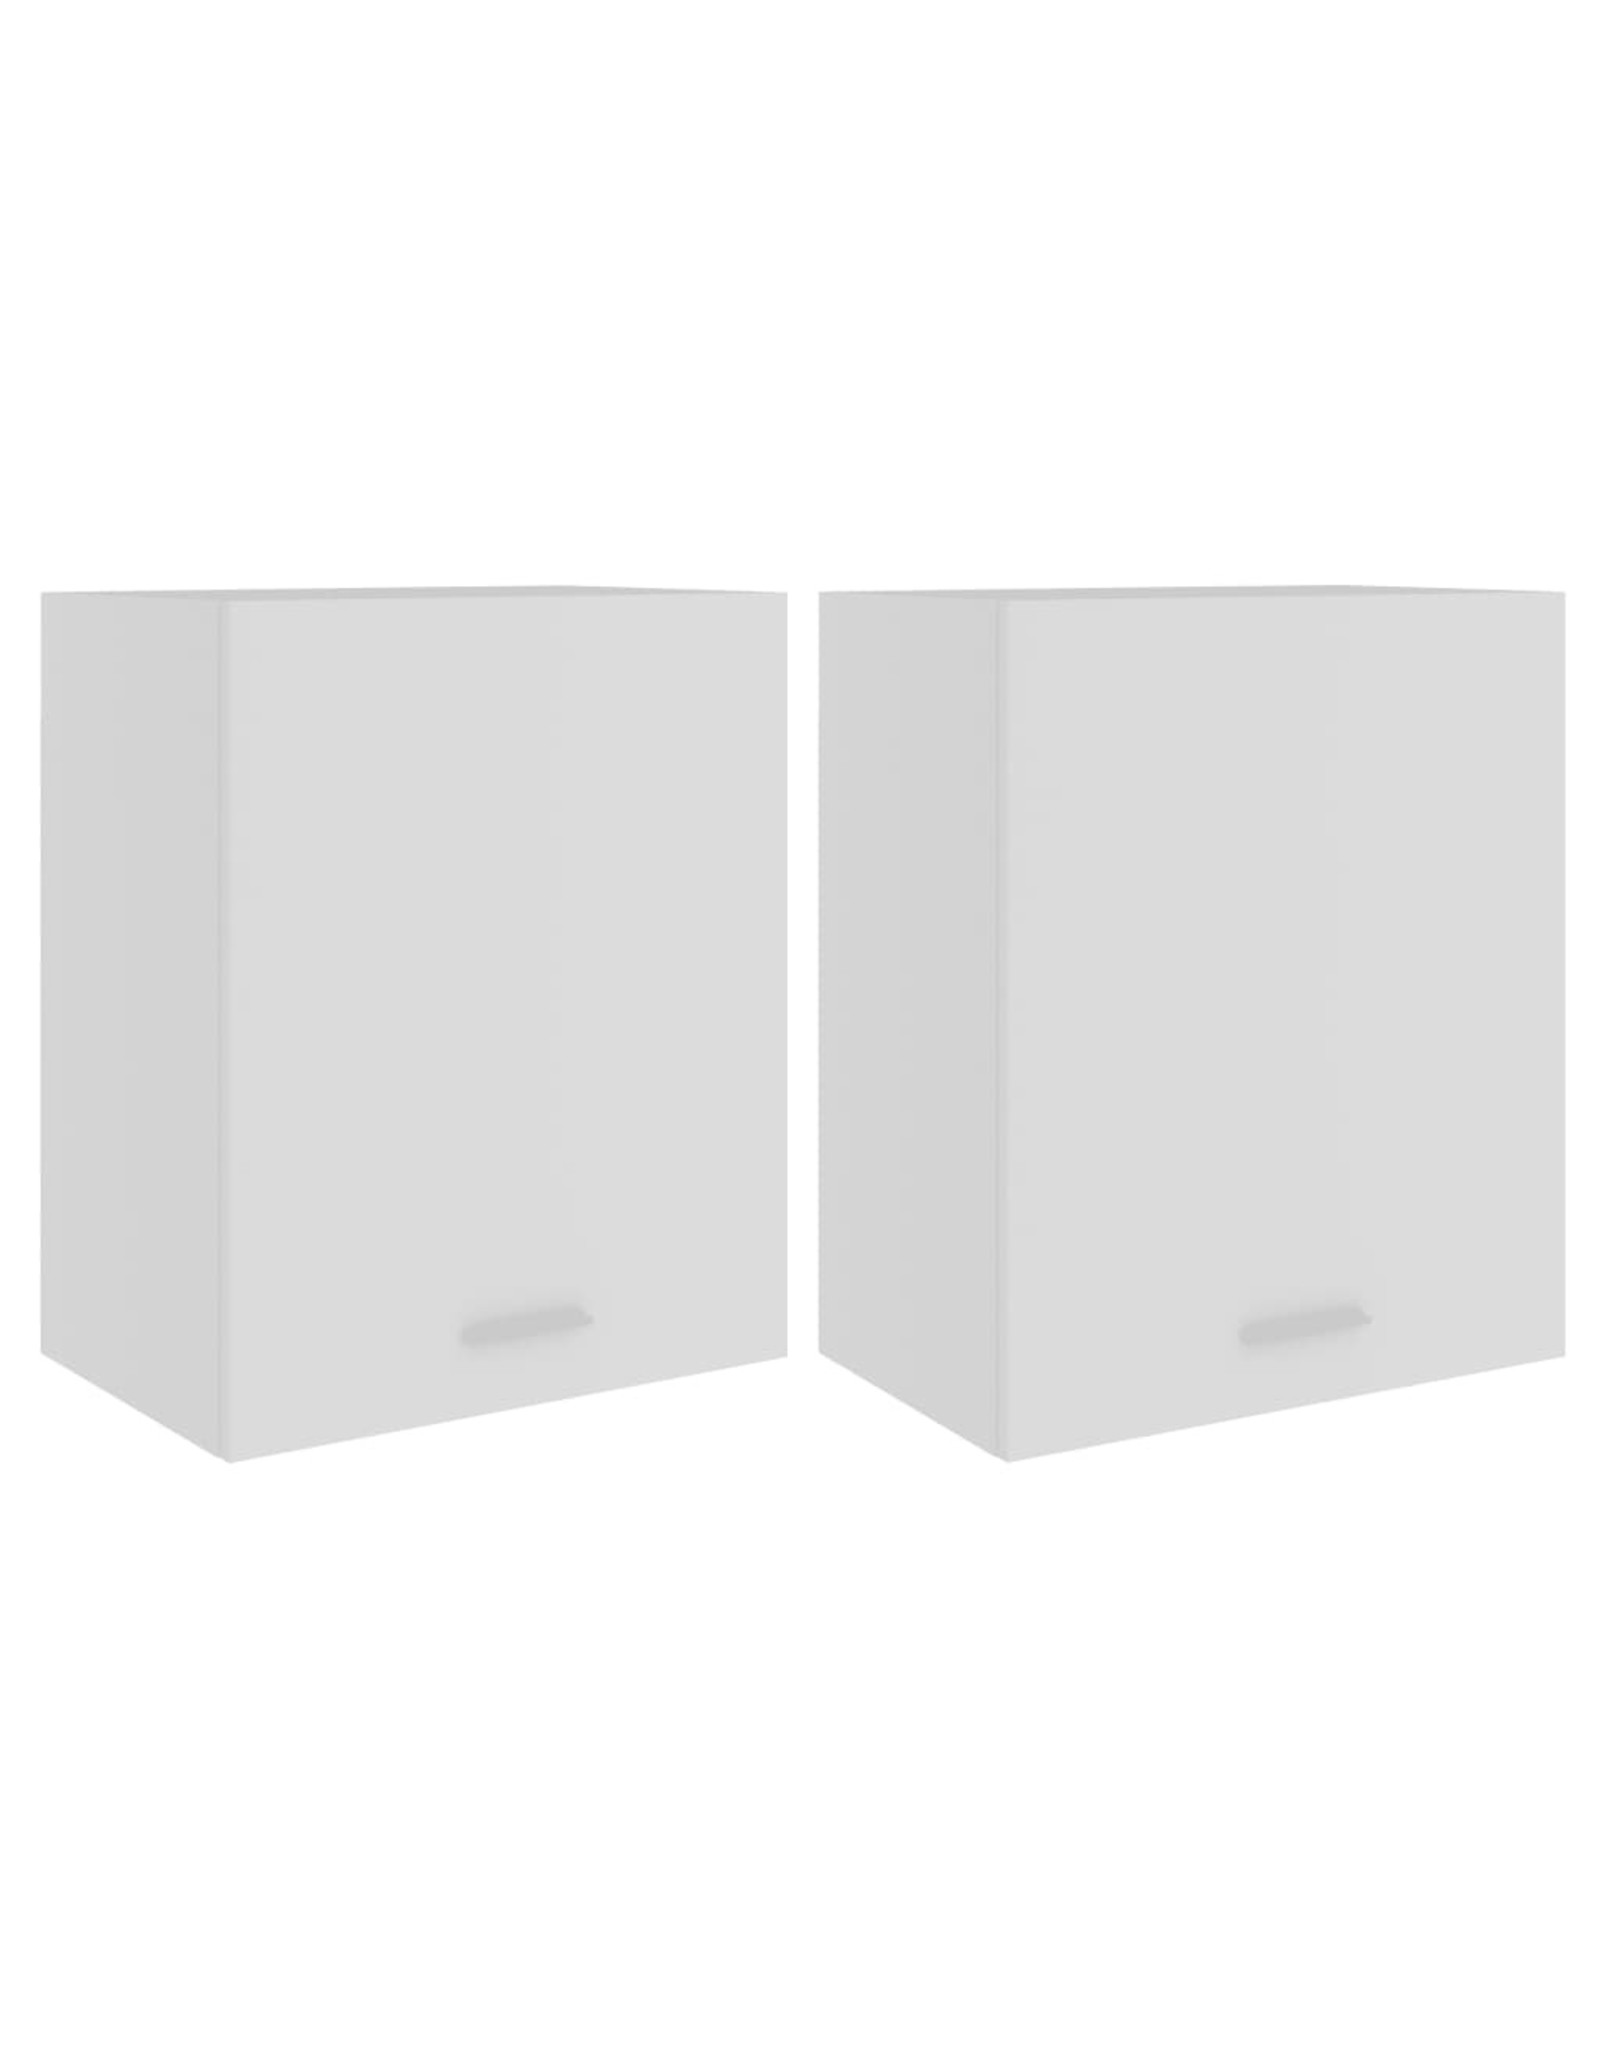 Hangkasten 2 st 50x31x60 cm spaanplaat wit